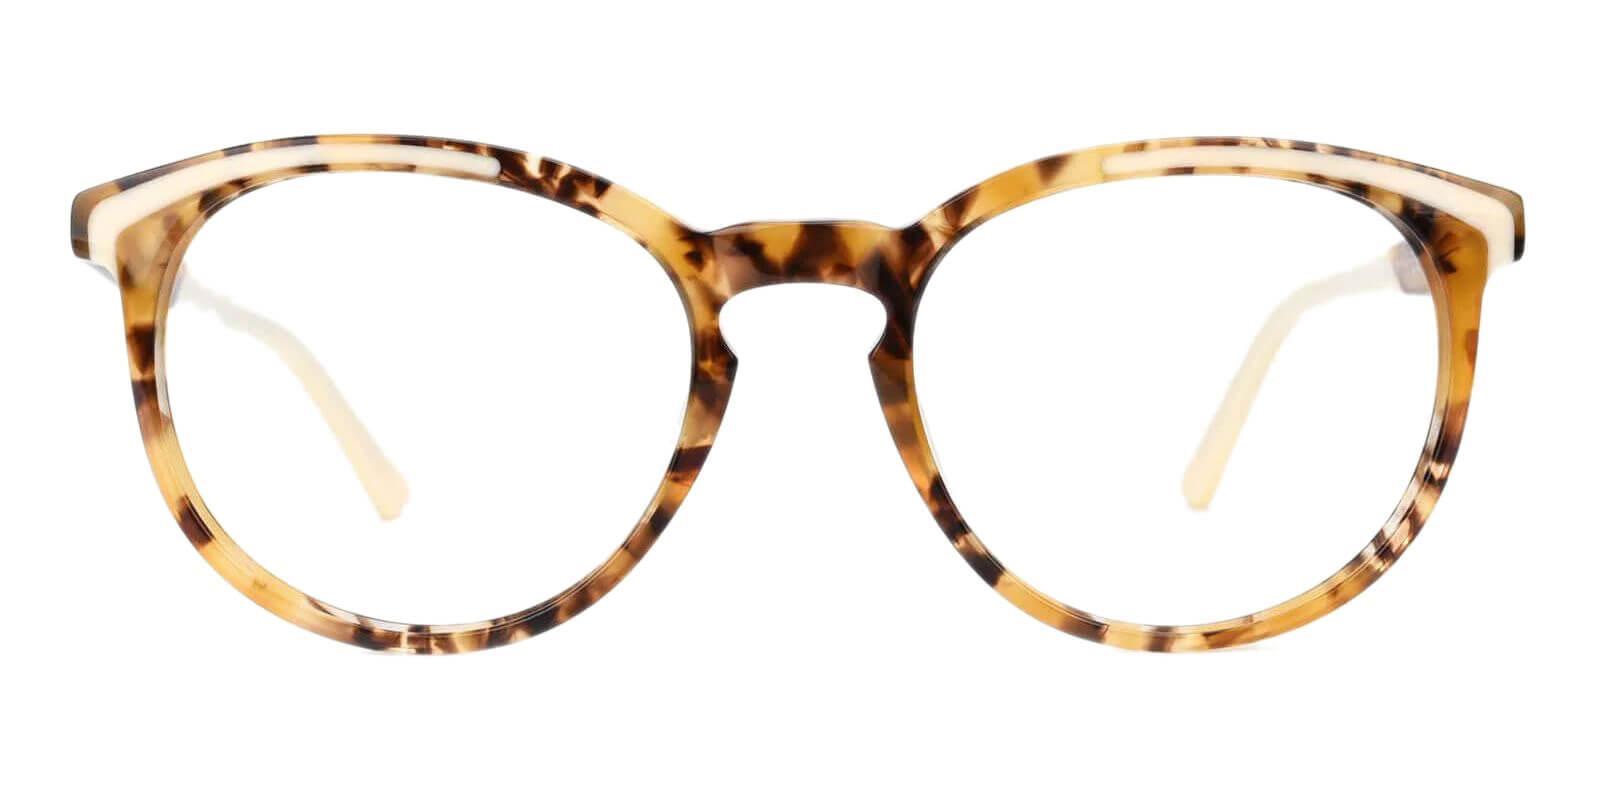 Innsbruck Yellow Acetate Eyeglasses , UniversalBridgeFit Frames from ABBE Glasses